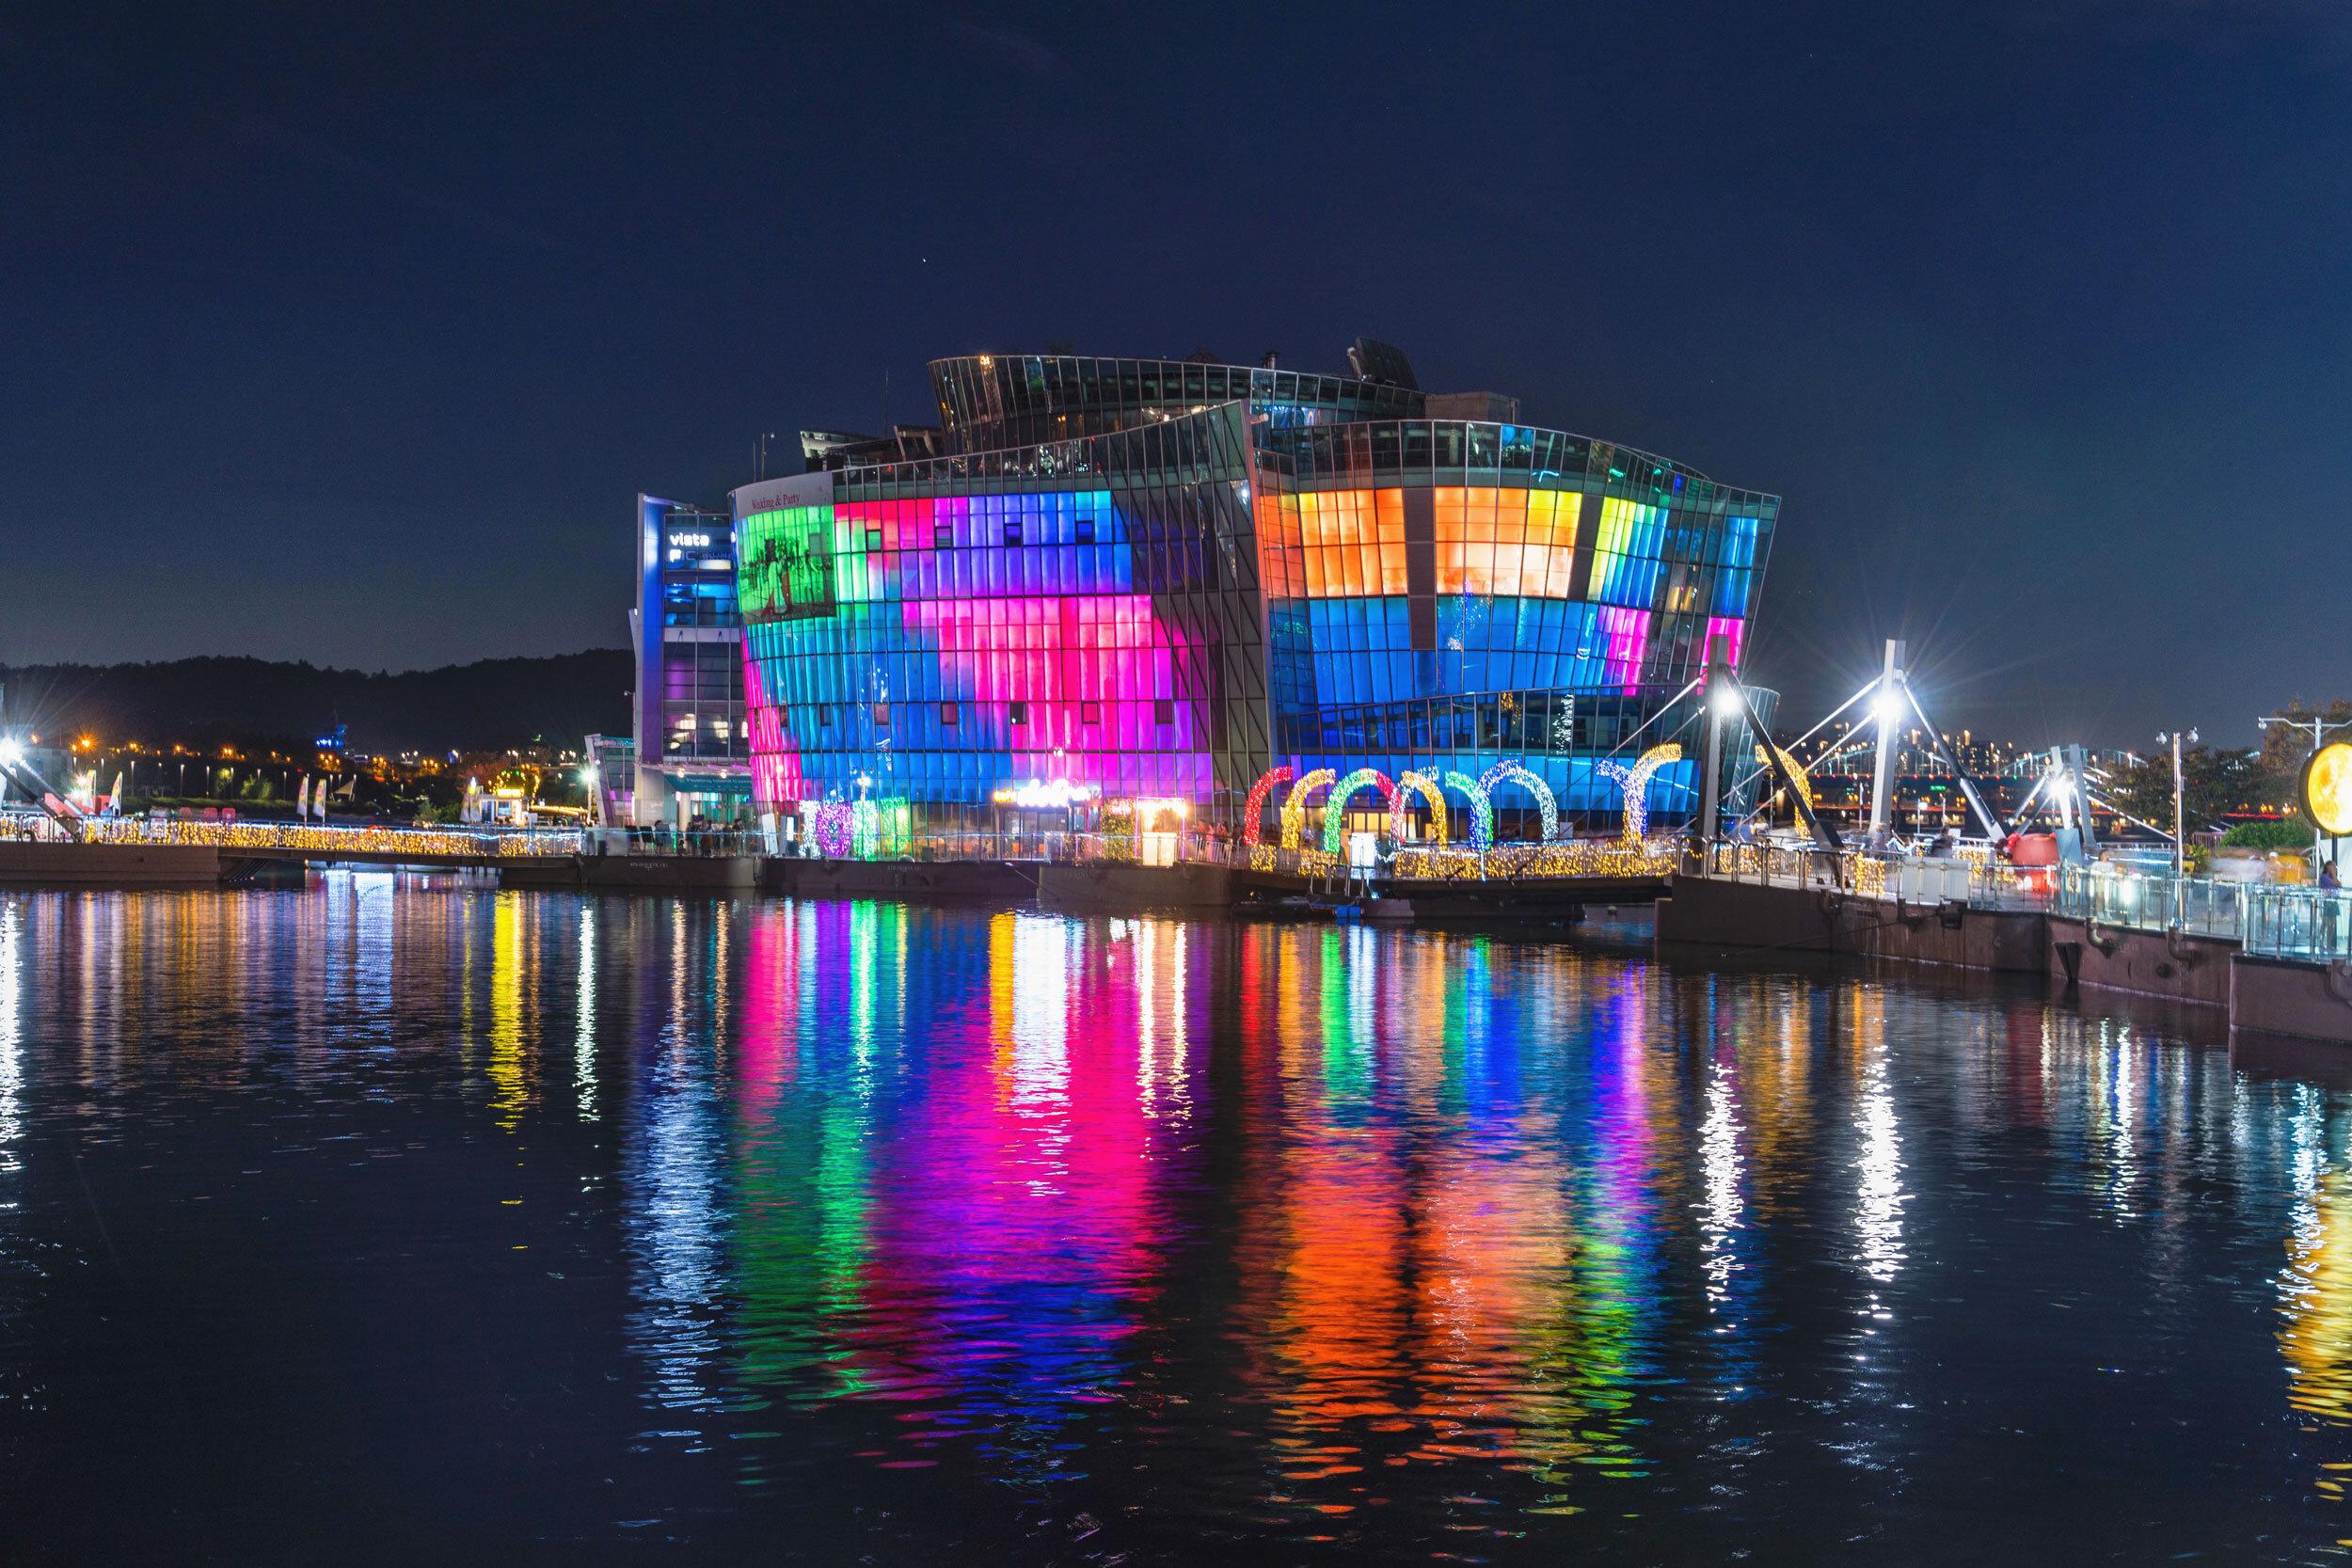 Somesevit (Sebitseom) building at Banpo Hangang Park illuminated at night